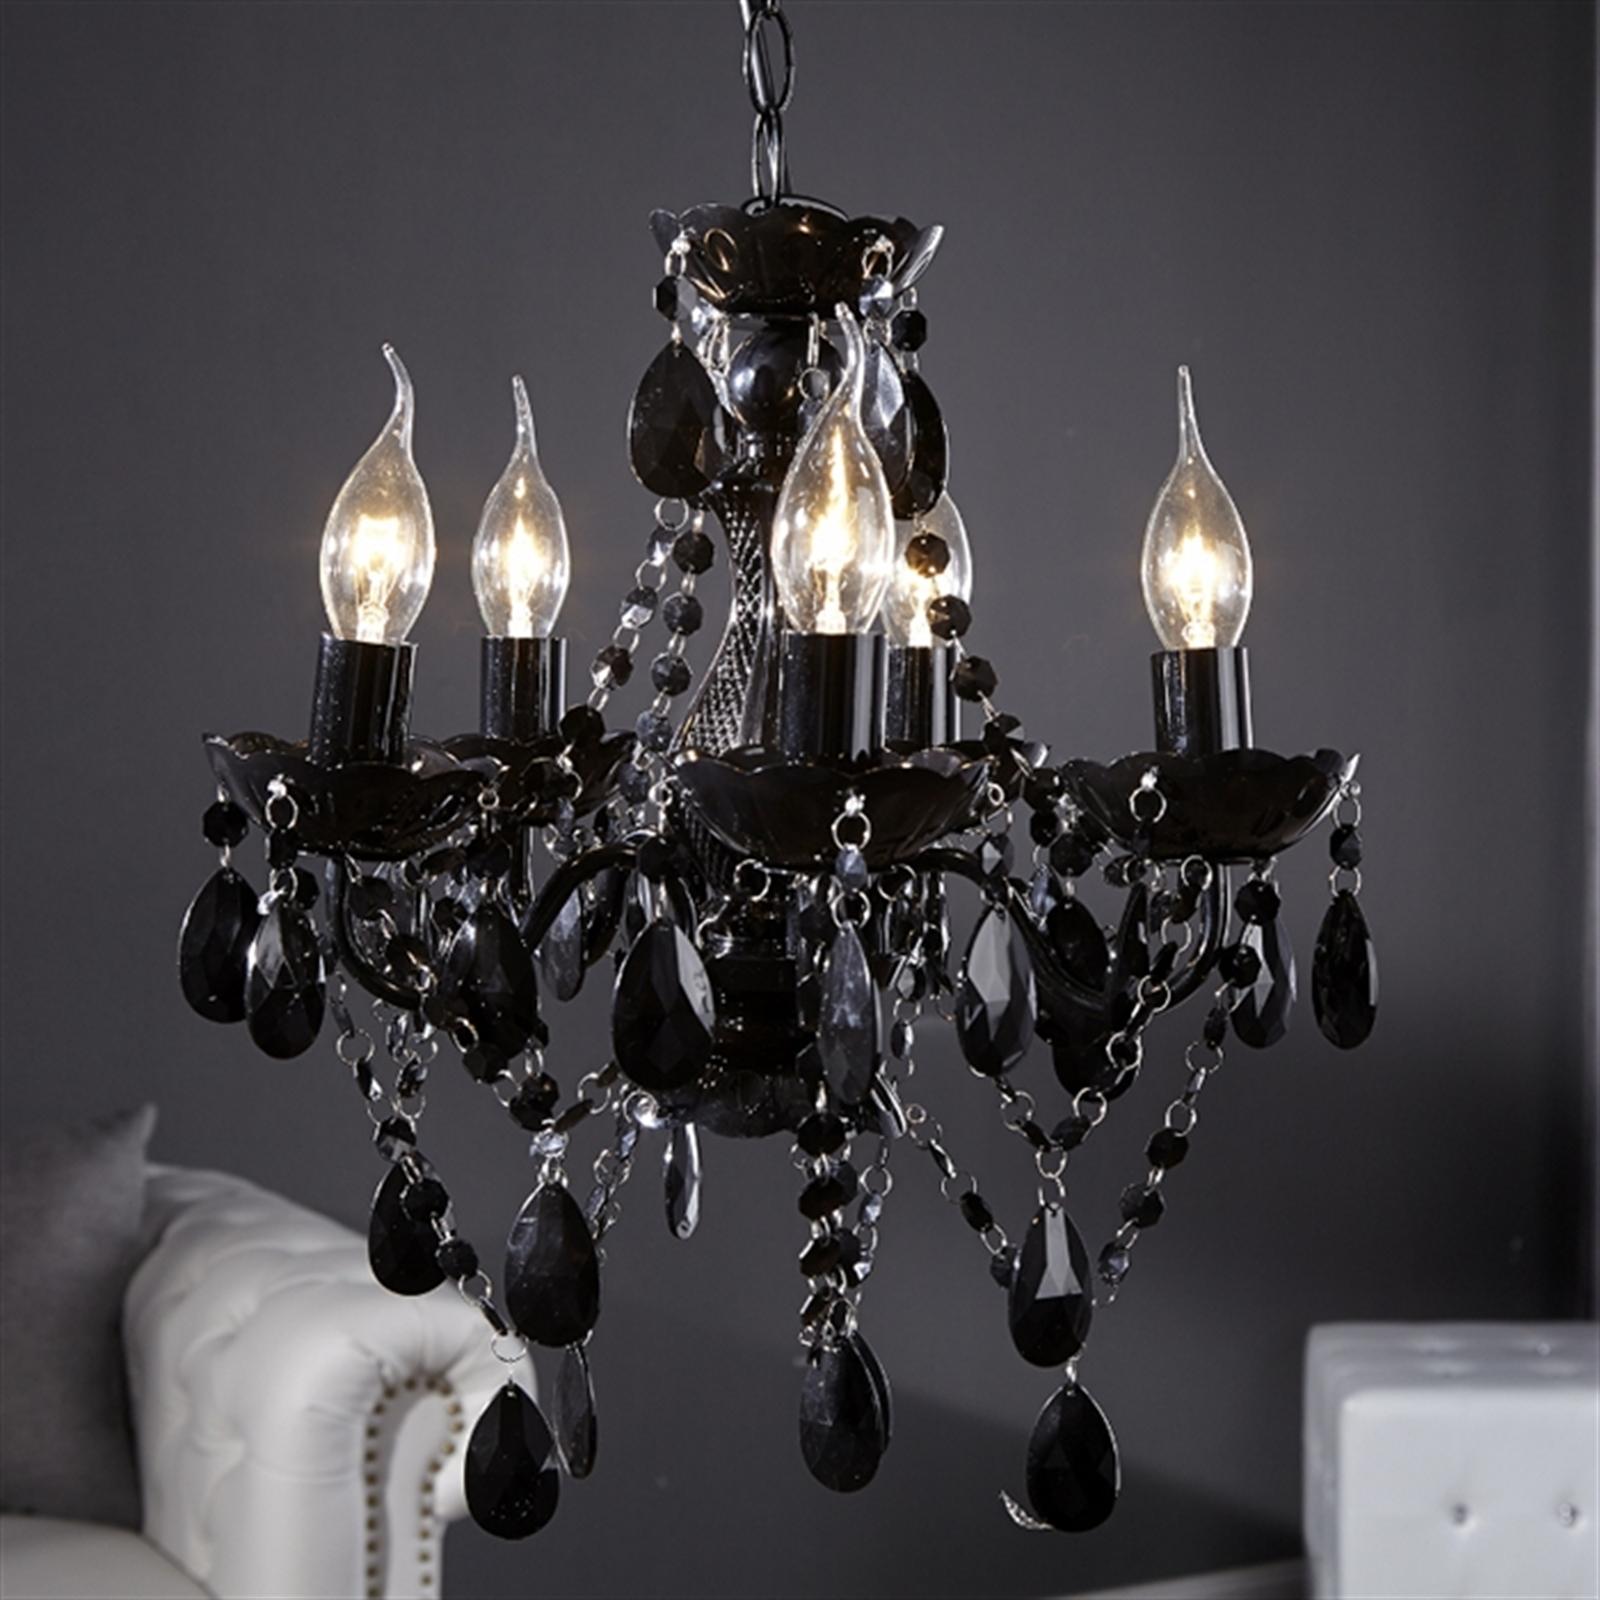 Elegant DESIGNER KRONLEUCHTER POMP | Acryl Schwarz, 5 Armig, Ø37cm | Luxus  Deckenleuchte